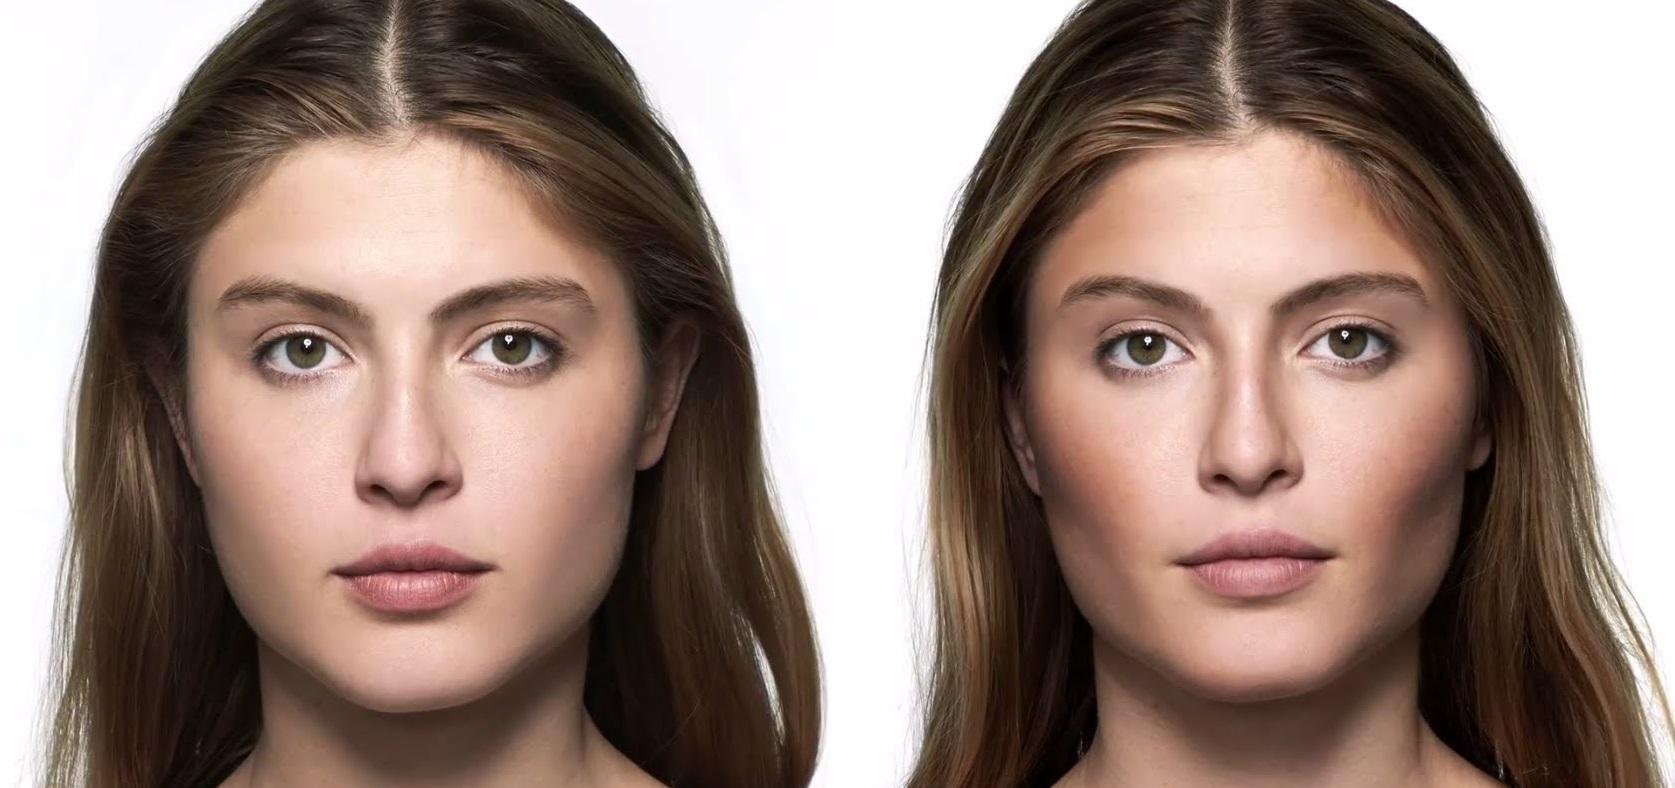 Как округлить лицо с помощью макияжа фото